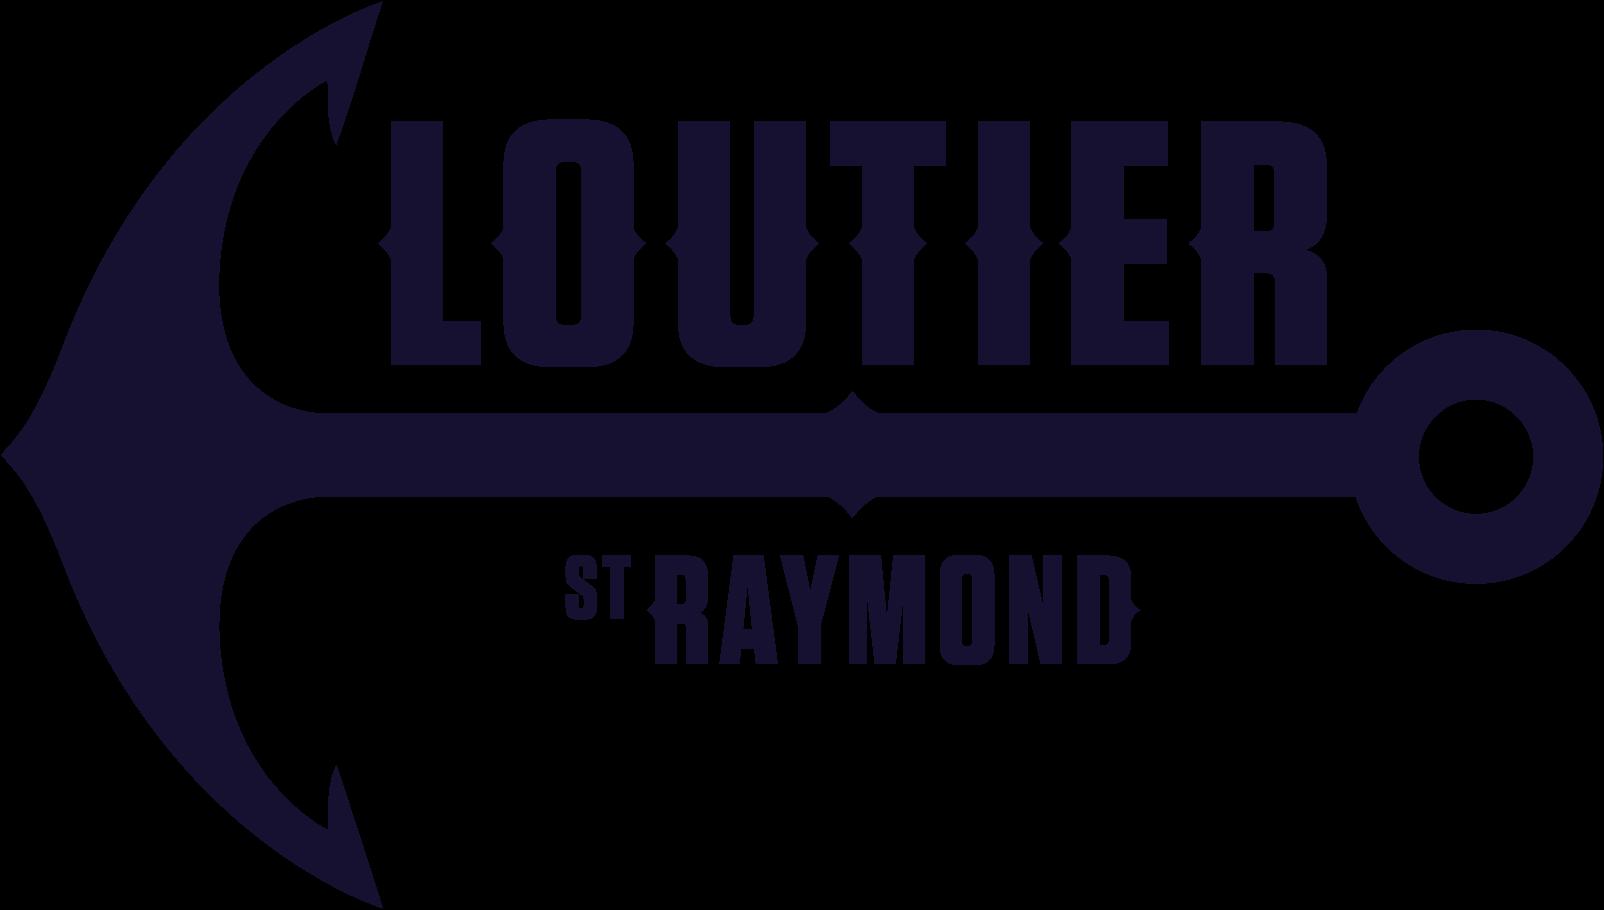 Cloutier St-Raymond